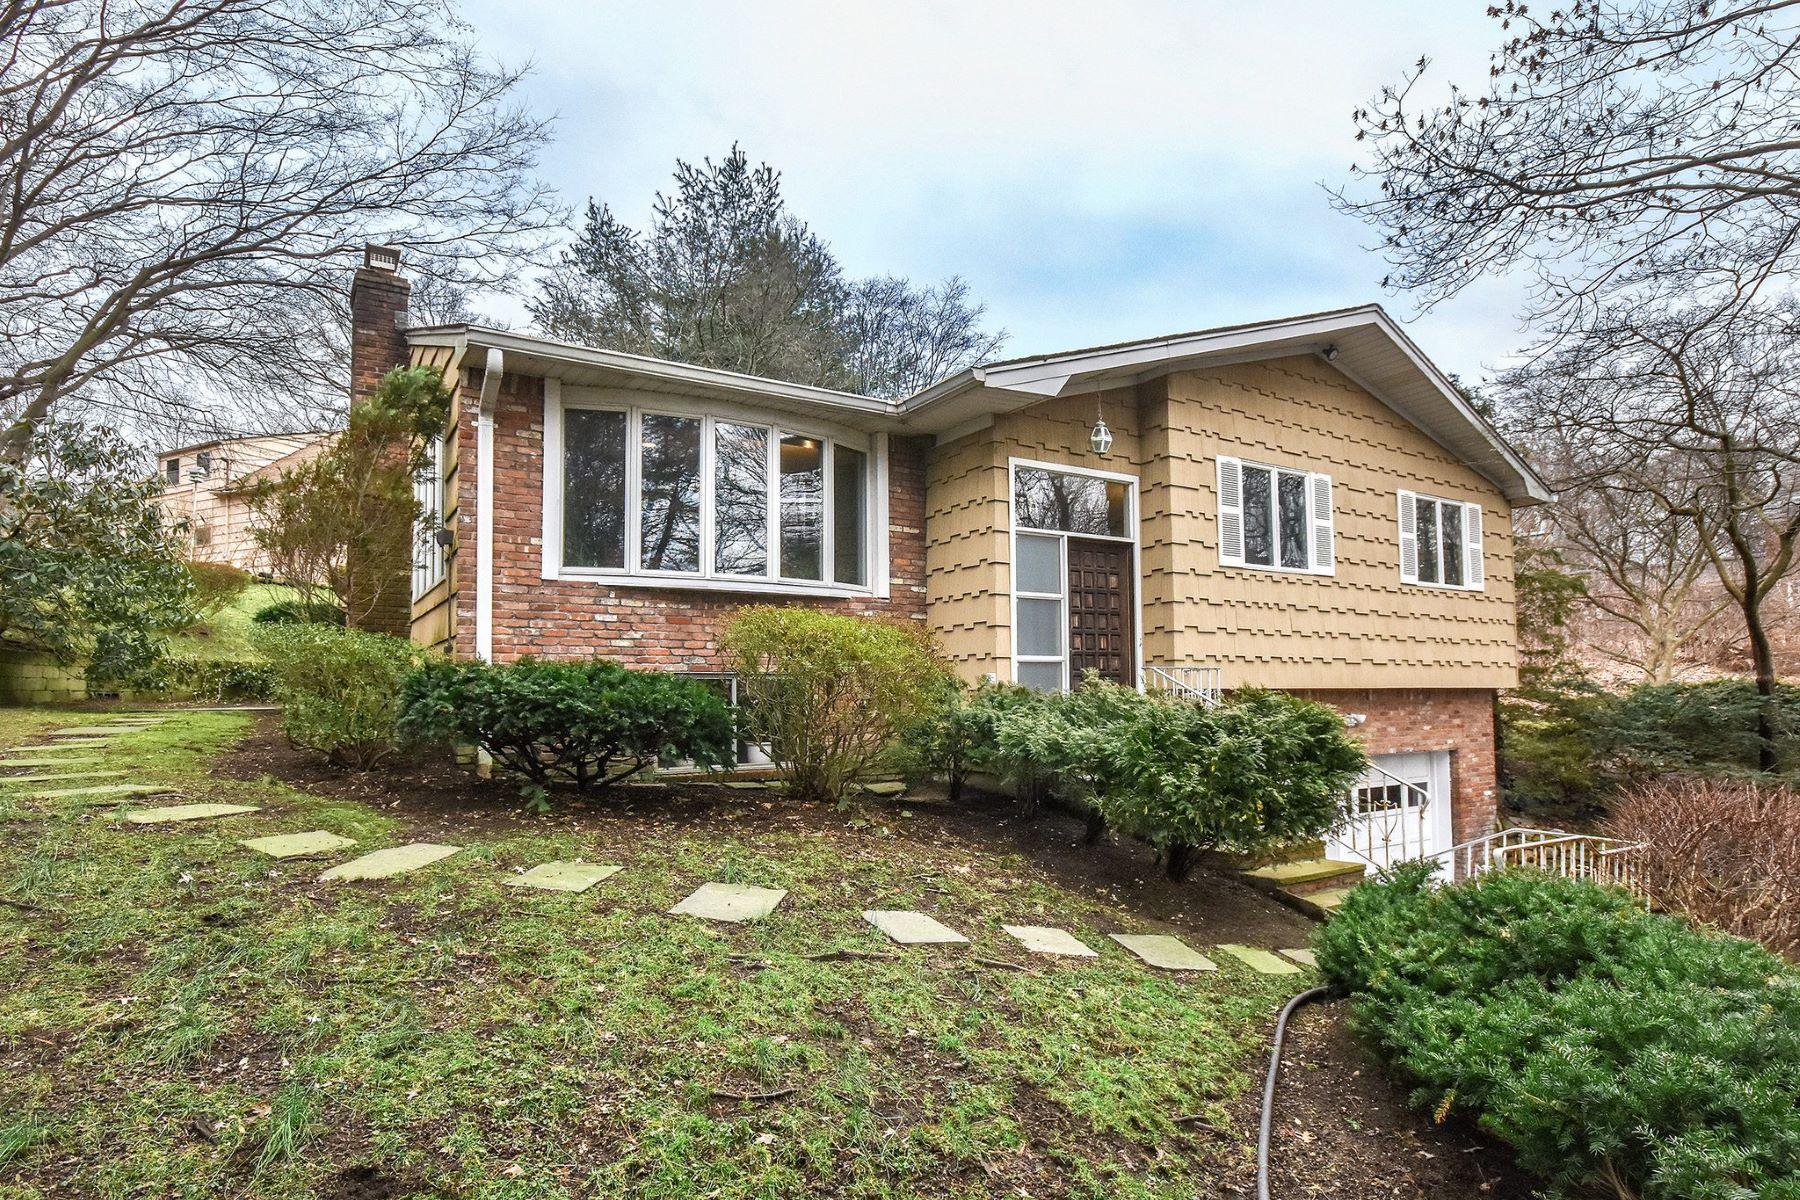 Частный односемейный дом для того Продажа на 2 Woodland Rd , Glen Cove, NY 11542 2 Woodland Rd, Glen Cove, Нью-Йорк, 11542 Соединенные Штаты